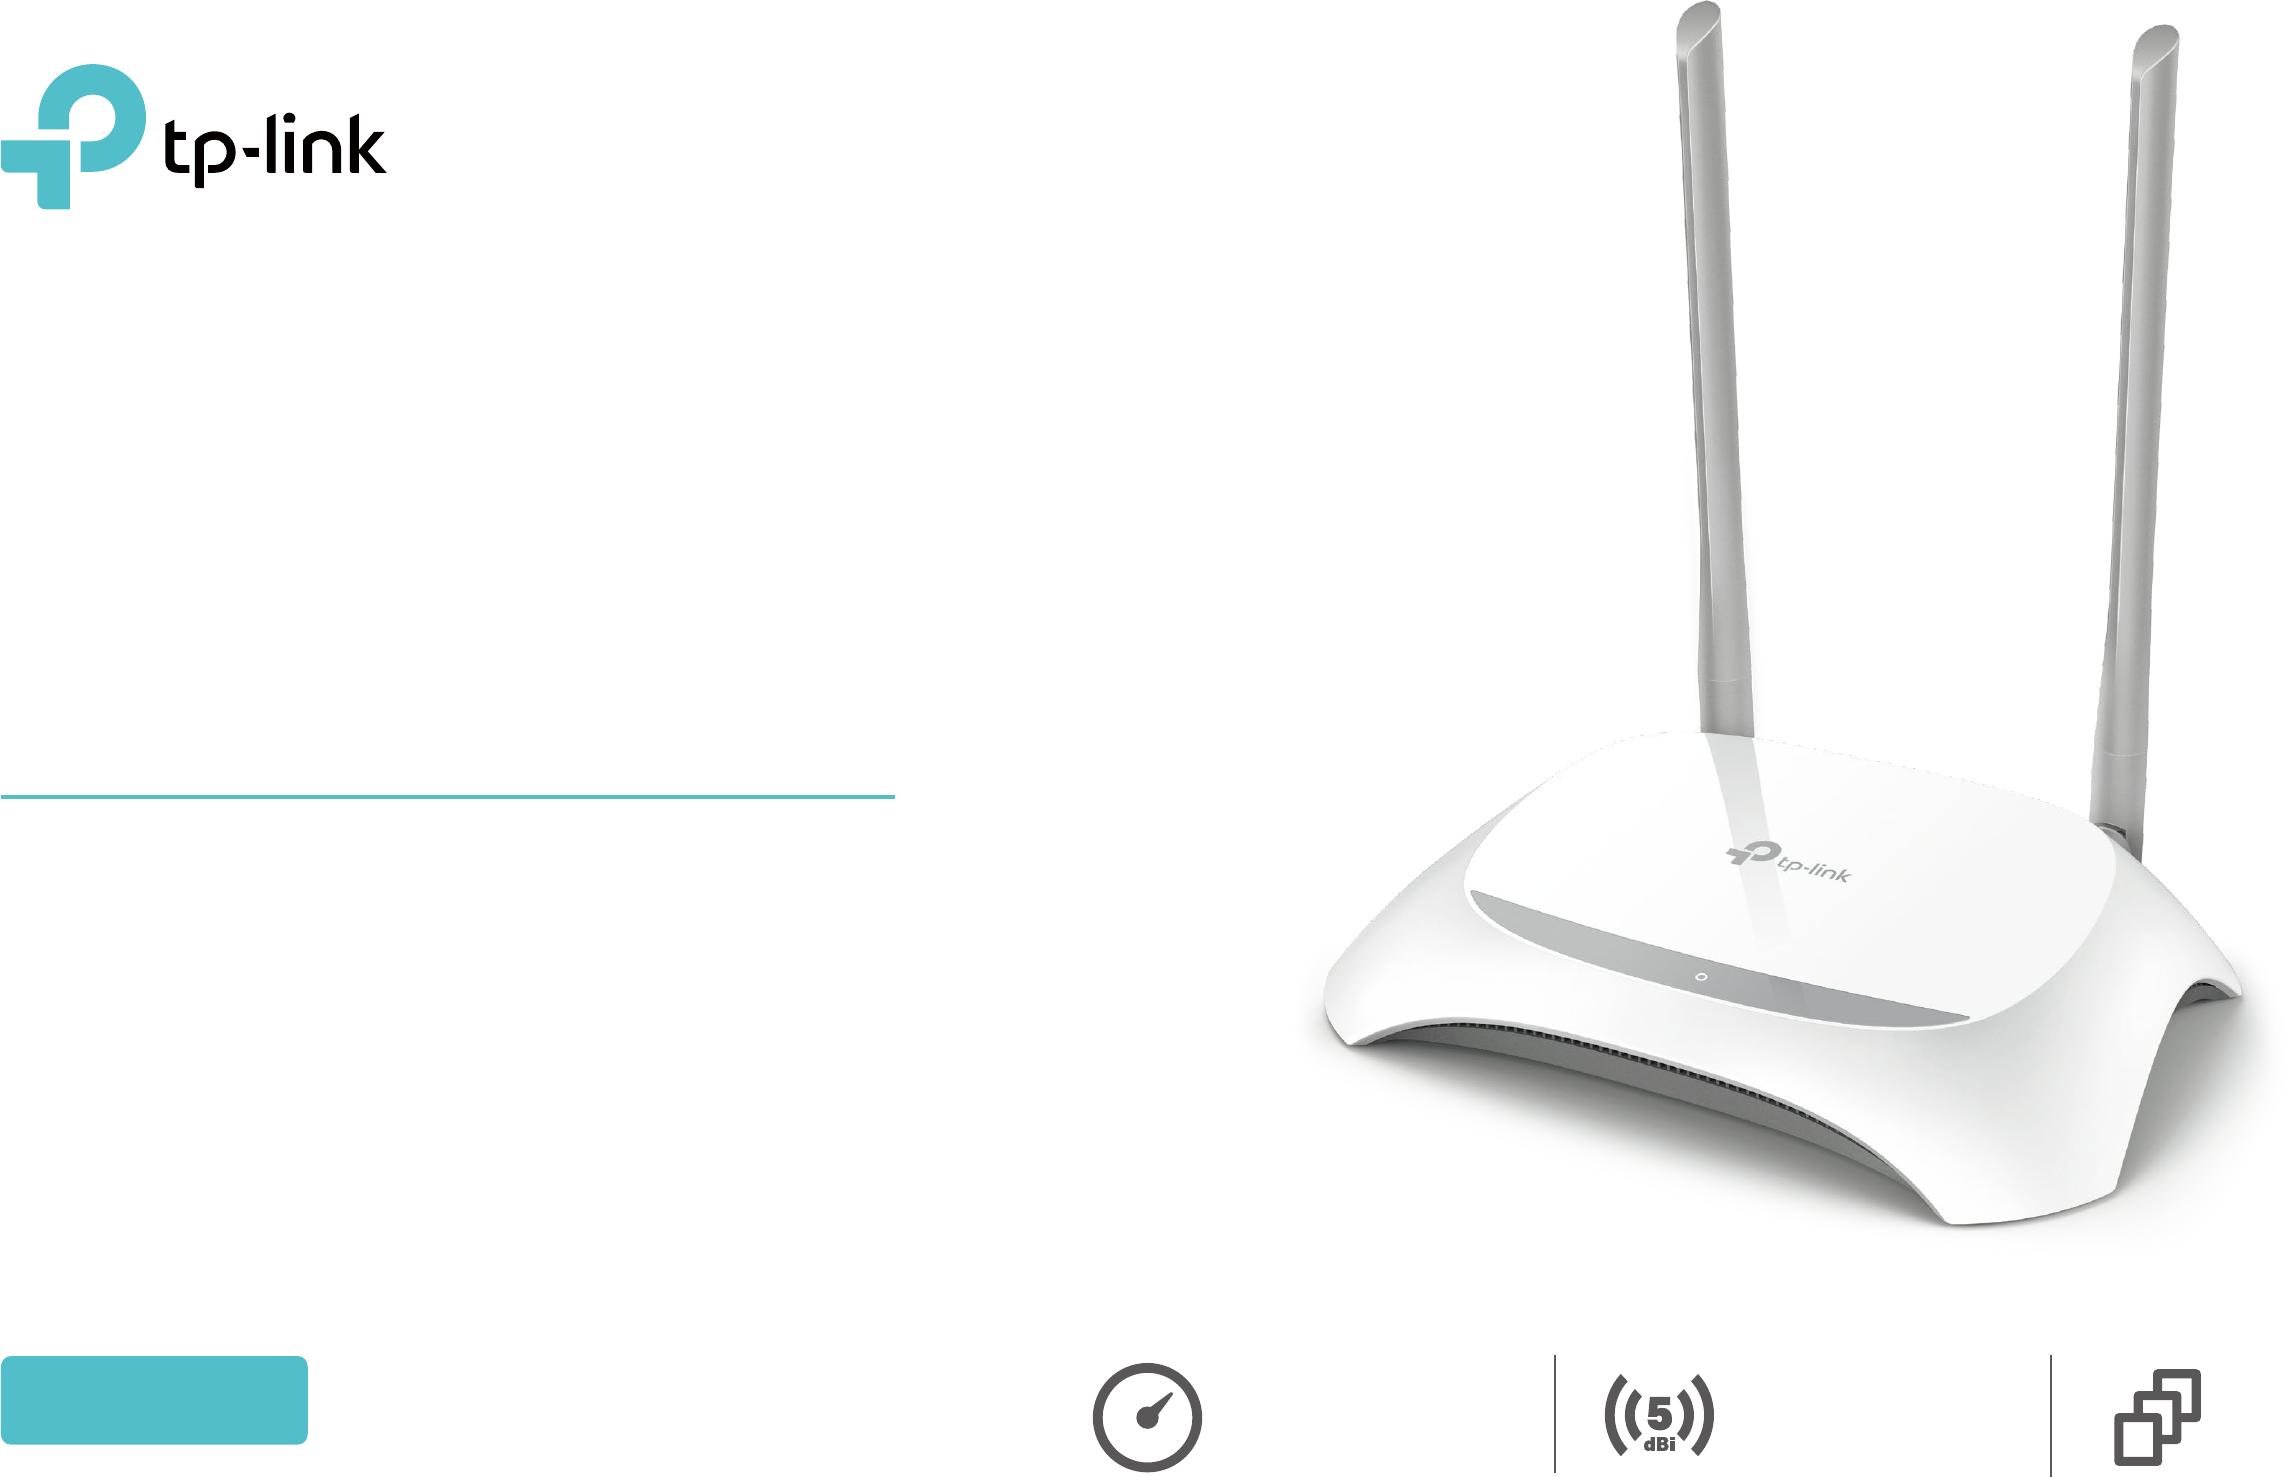 Tl Wr840neu50 Datasheet Wr840neu V5 Tp Link Wr 840n Wireless Router Tplink 300mbps